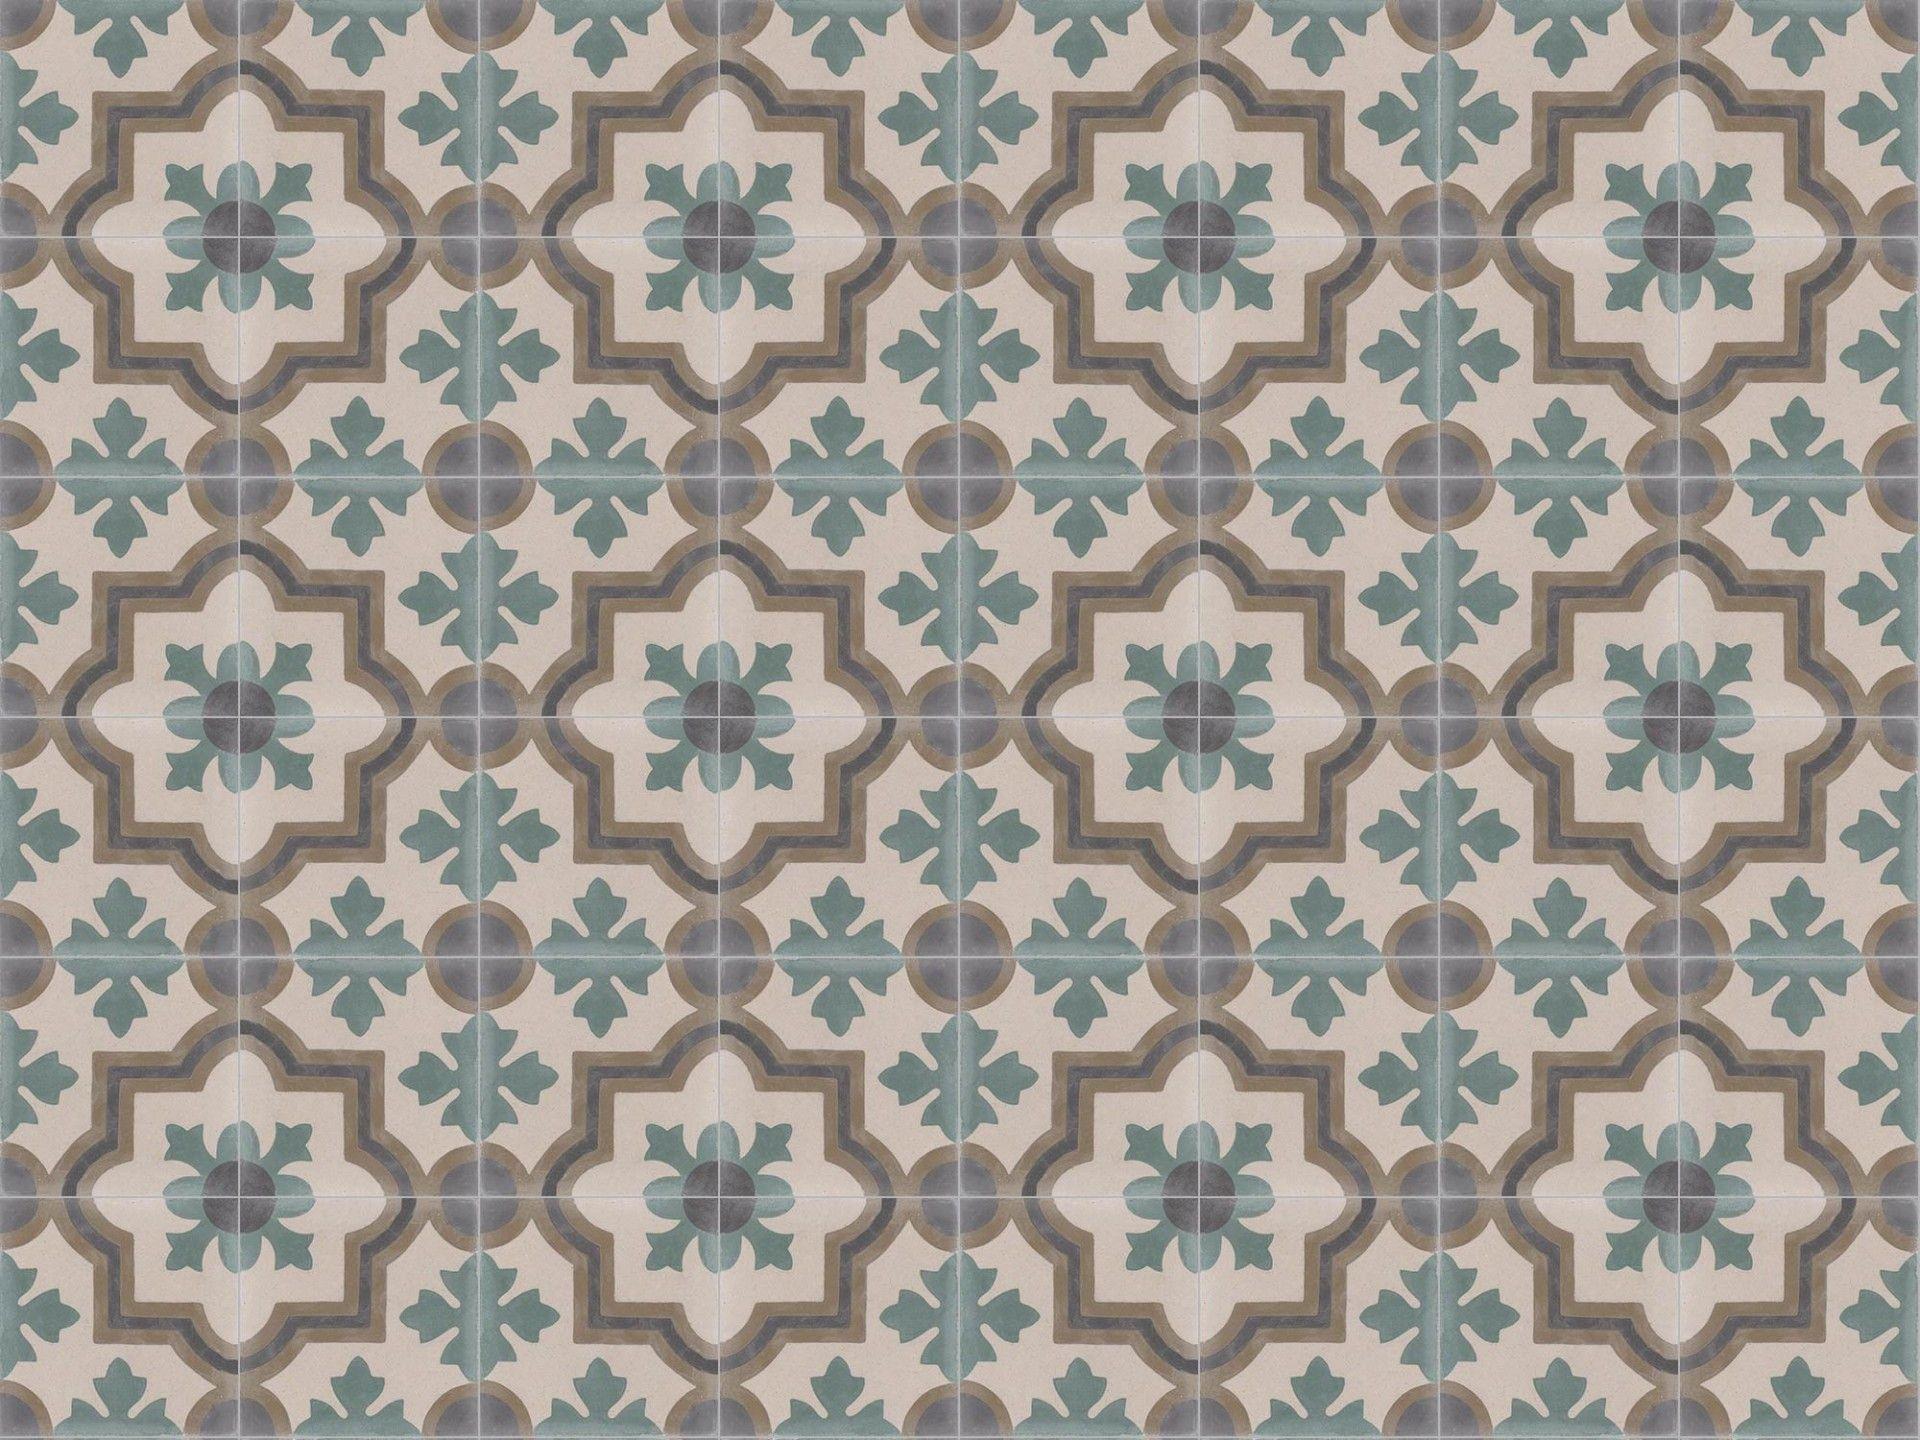 meknes 0802 - Marrakesh Cementlap